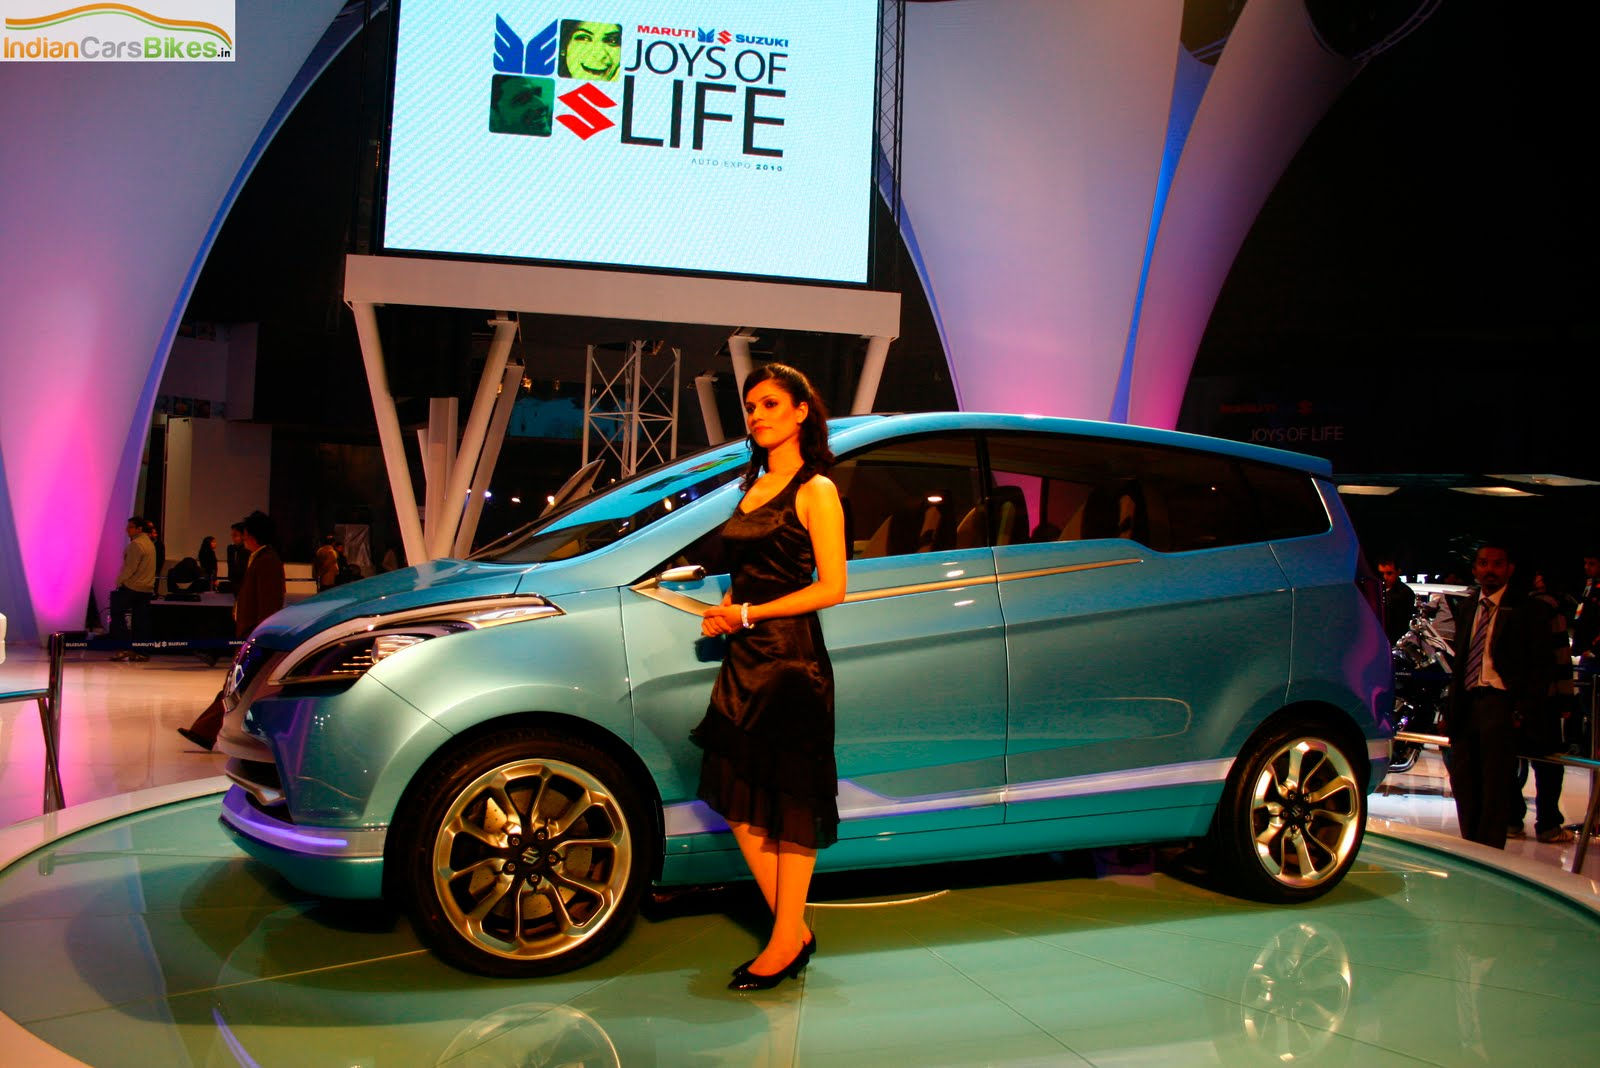 http://3.bp.blogspot.com/_JUw2aRvPUwc/TCxiyWs7oVI/AAAAAAAAV60/j3Um9vUUUSU/s1600/Maruti-R3-Concept-Car.JPG